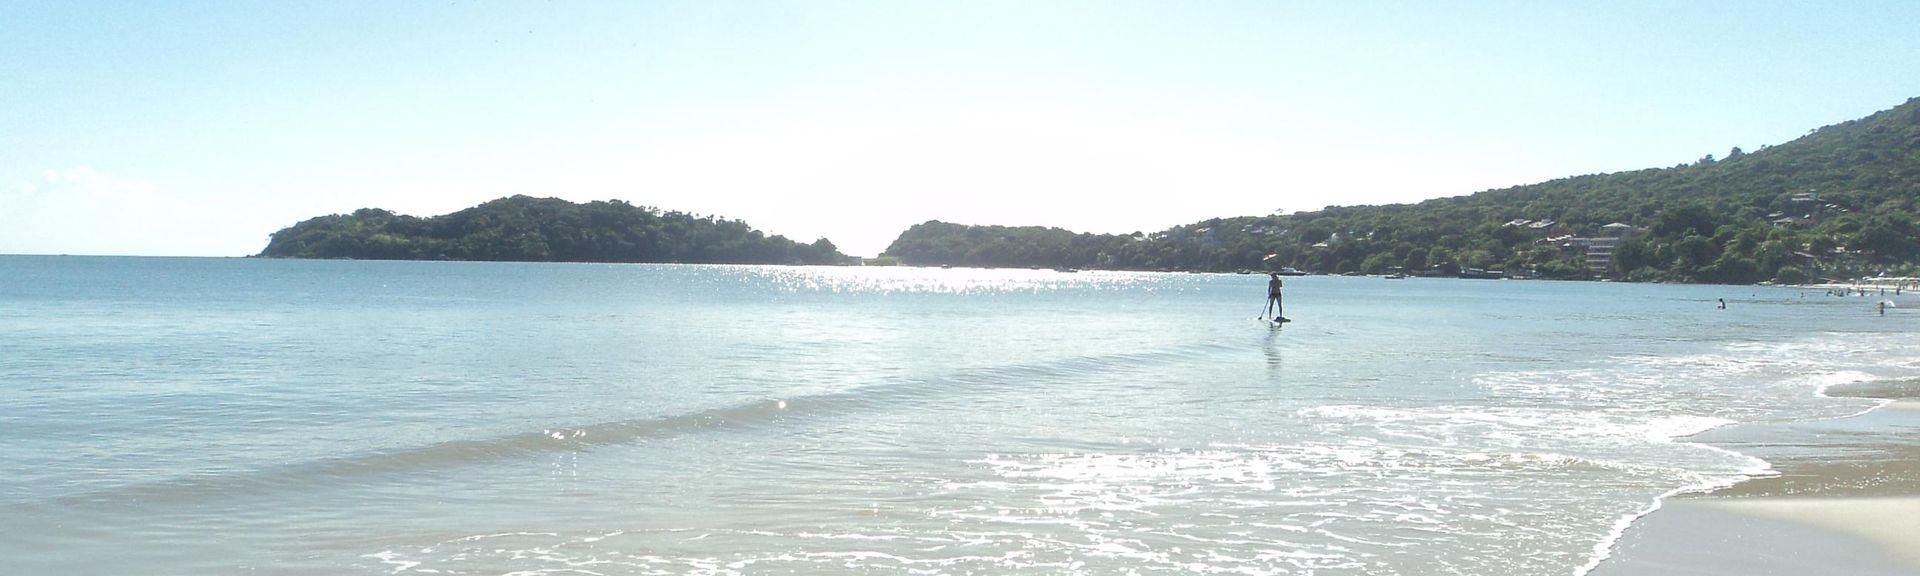 Canto Grande, Bombinhas, Santa Catarina, Brasilien